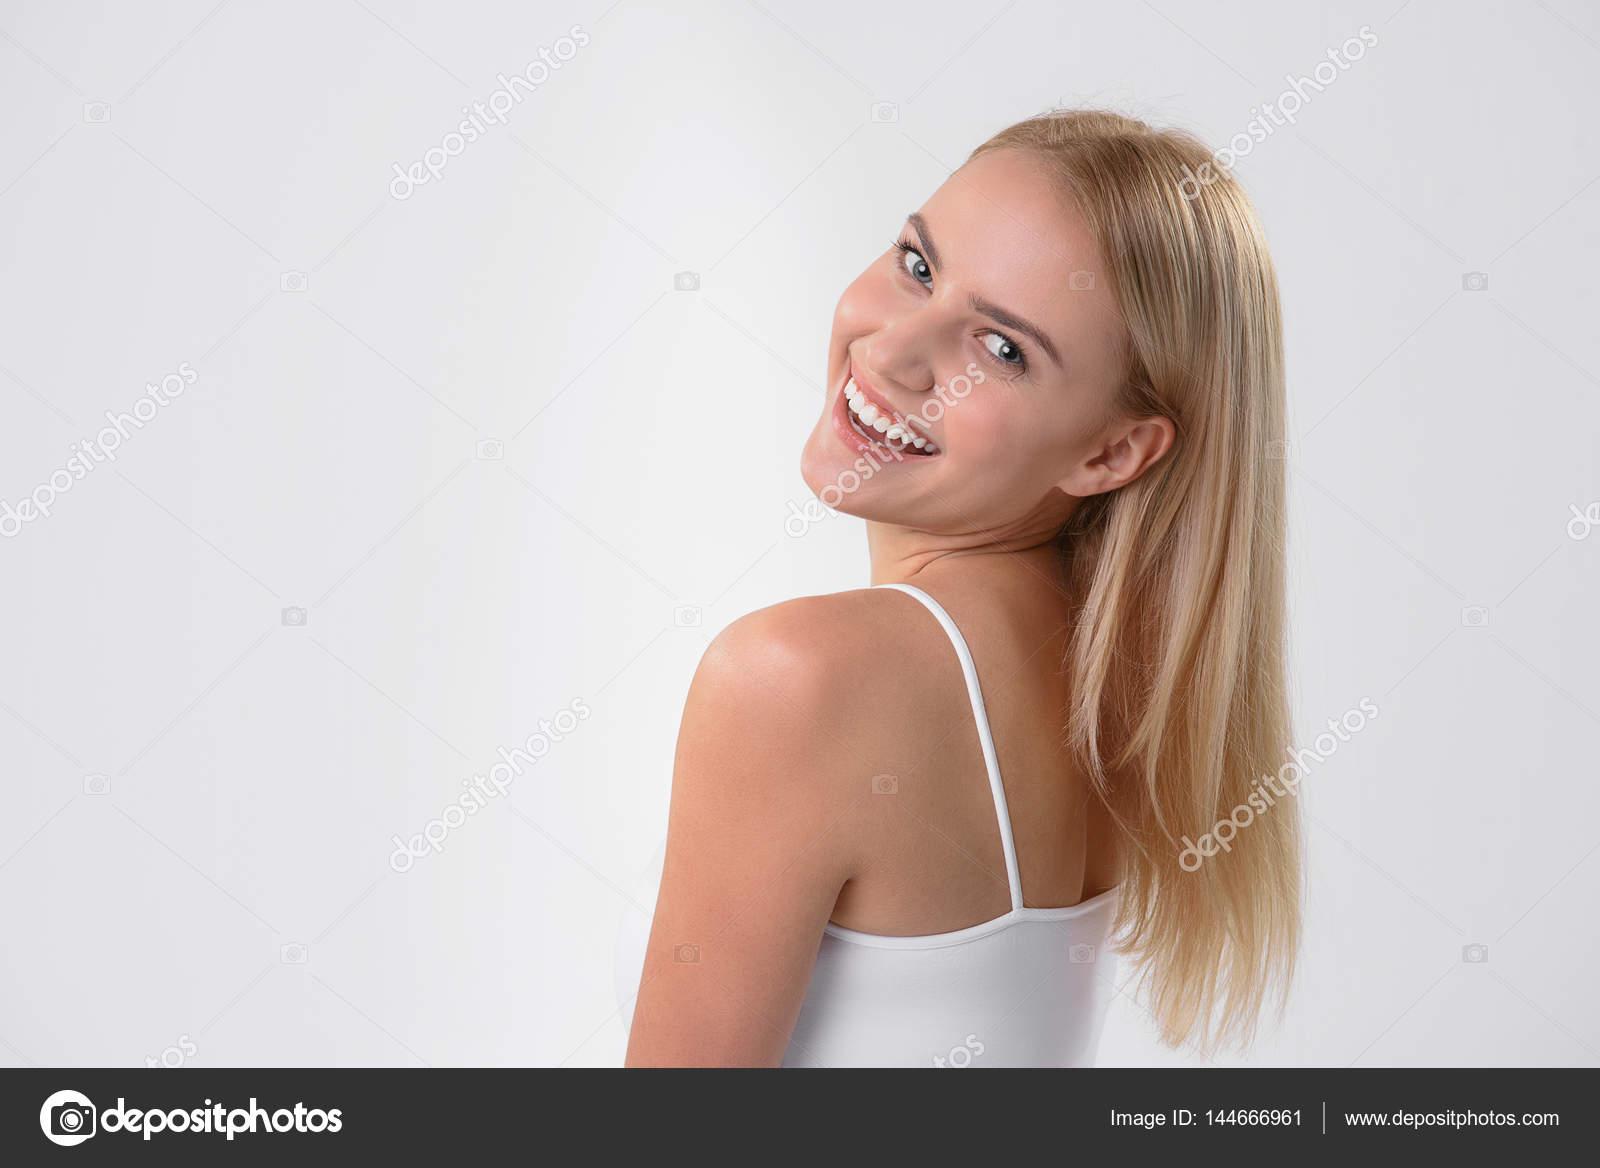 Verbale Flirtsignale von Frauen